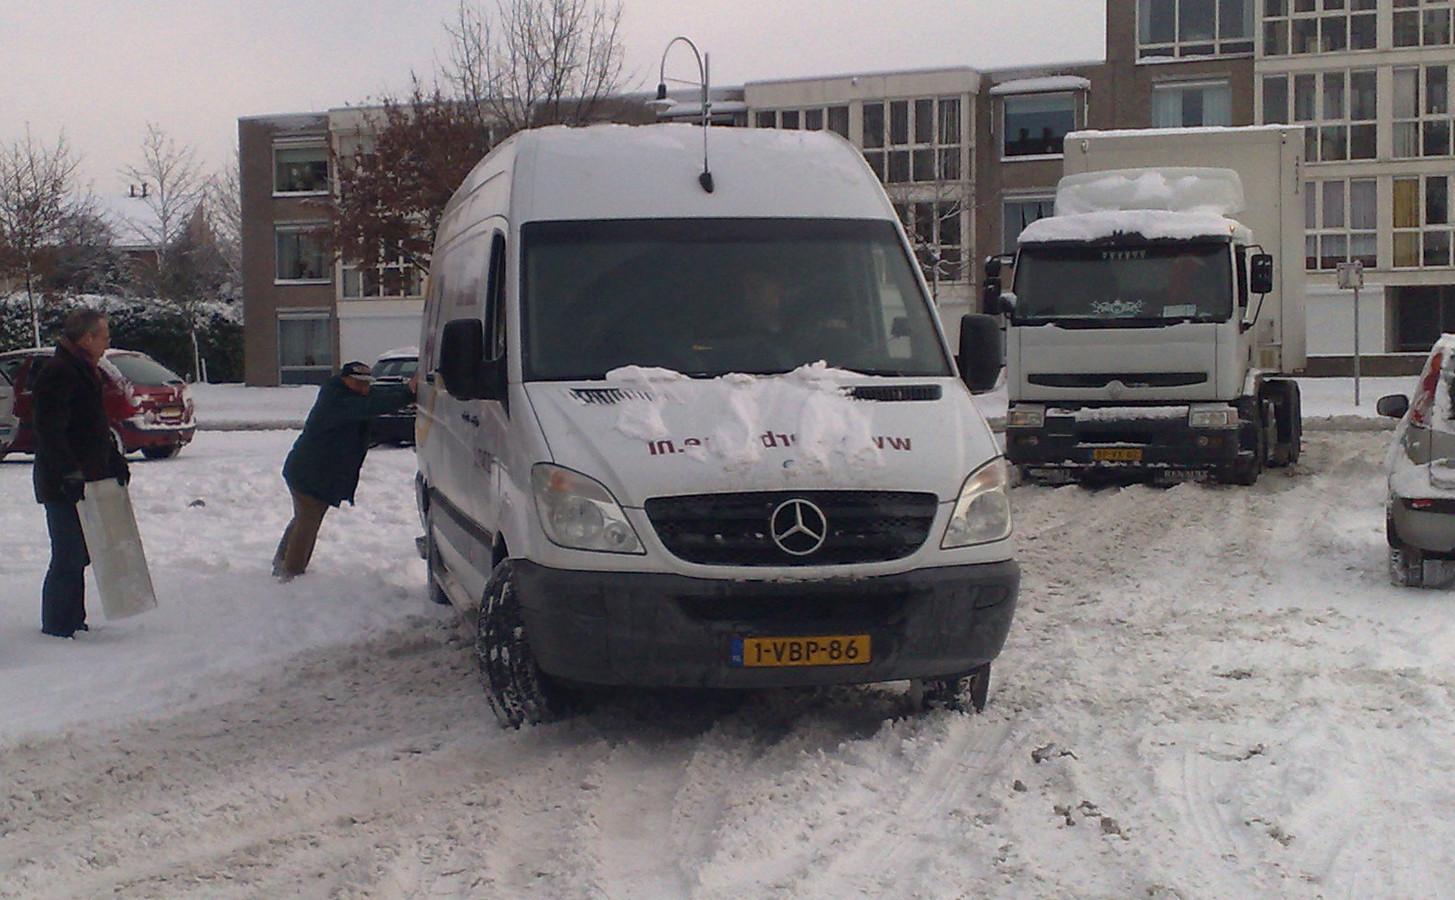 Op parkeerplaatsen kan het door (vastgereden) sneeuw soms erg glad zijn.